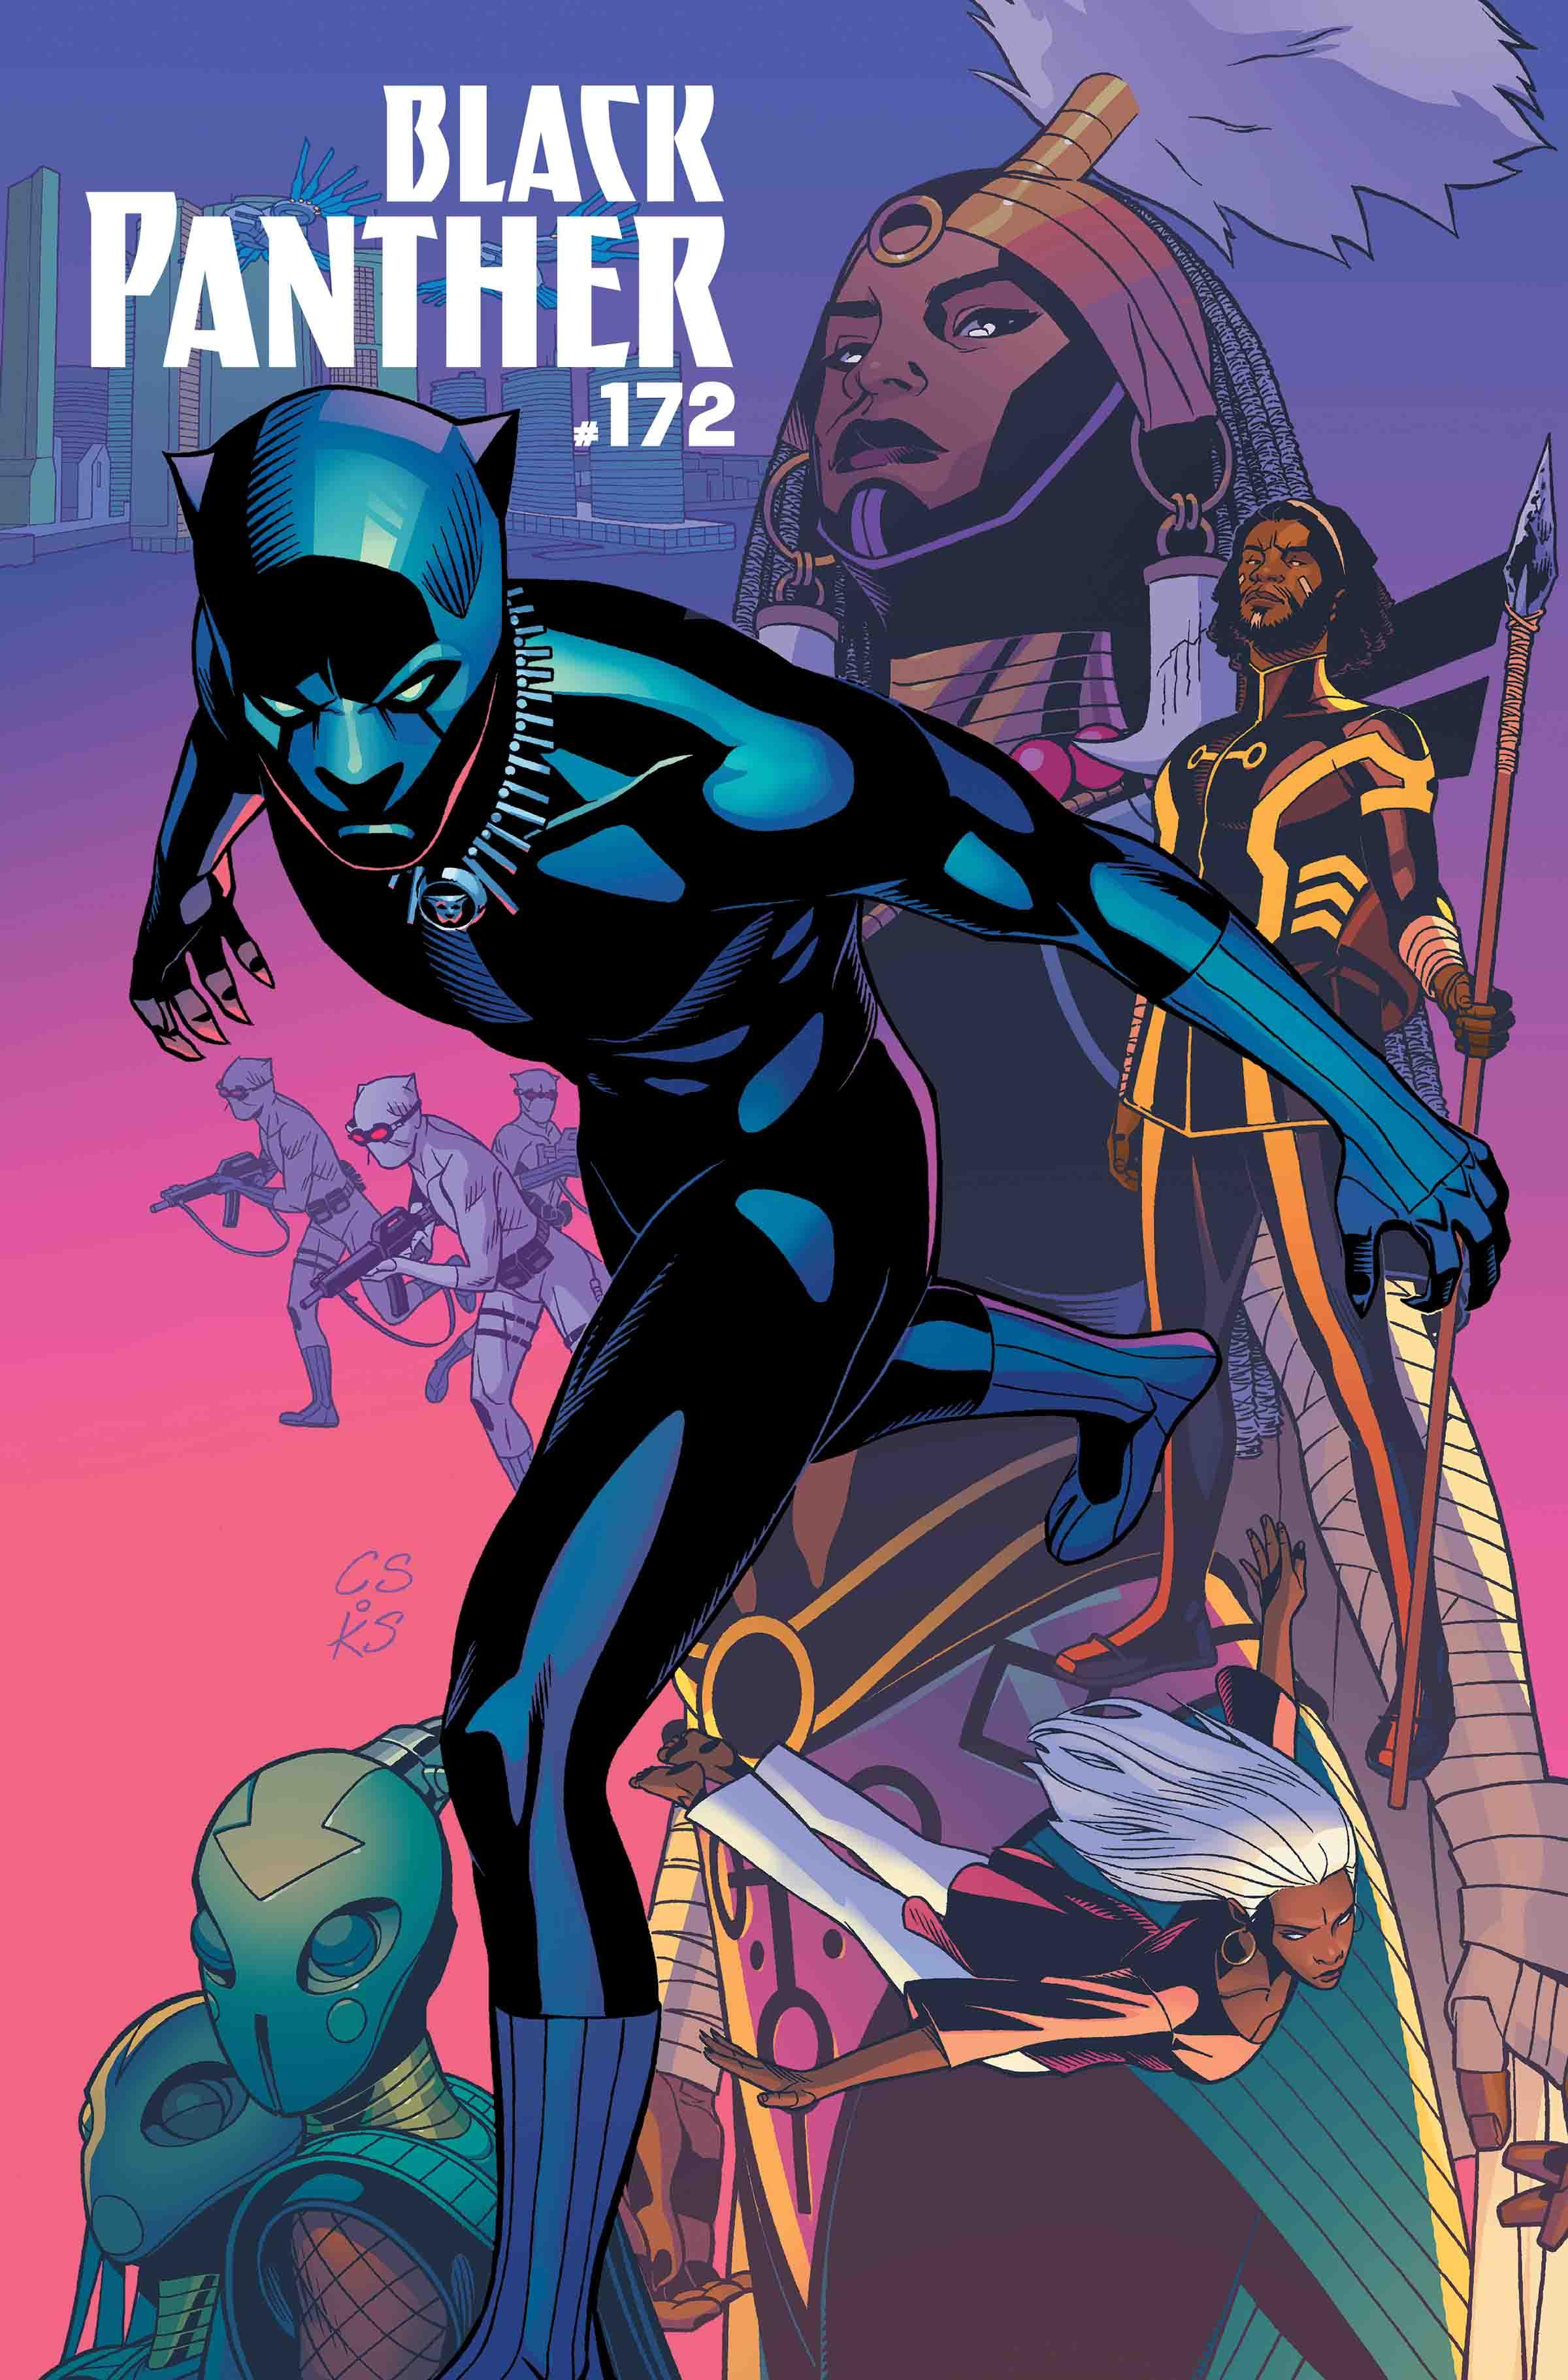 Black Panther (2016) #172